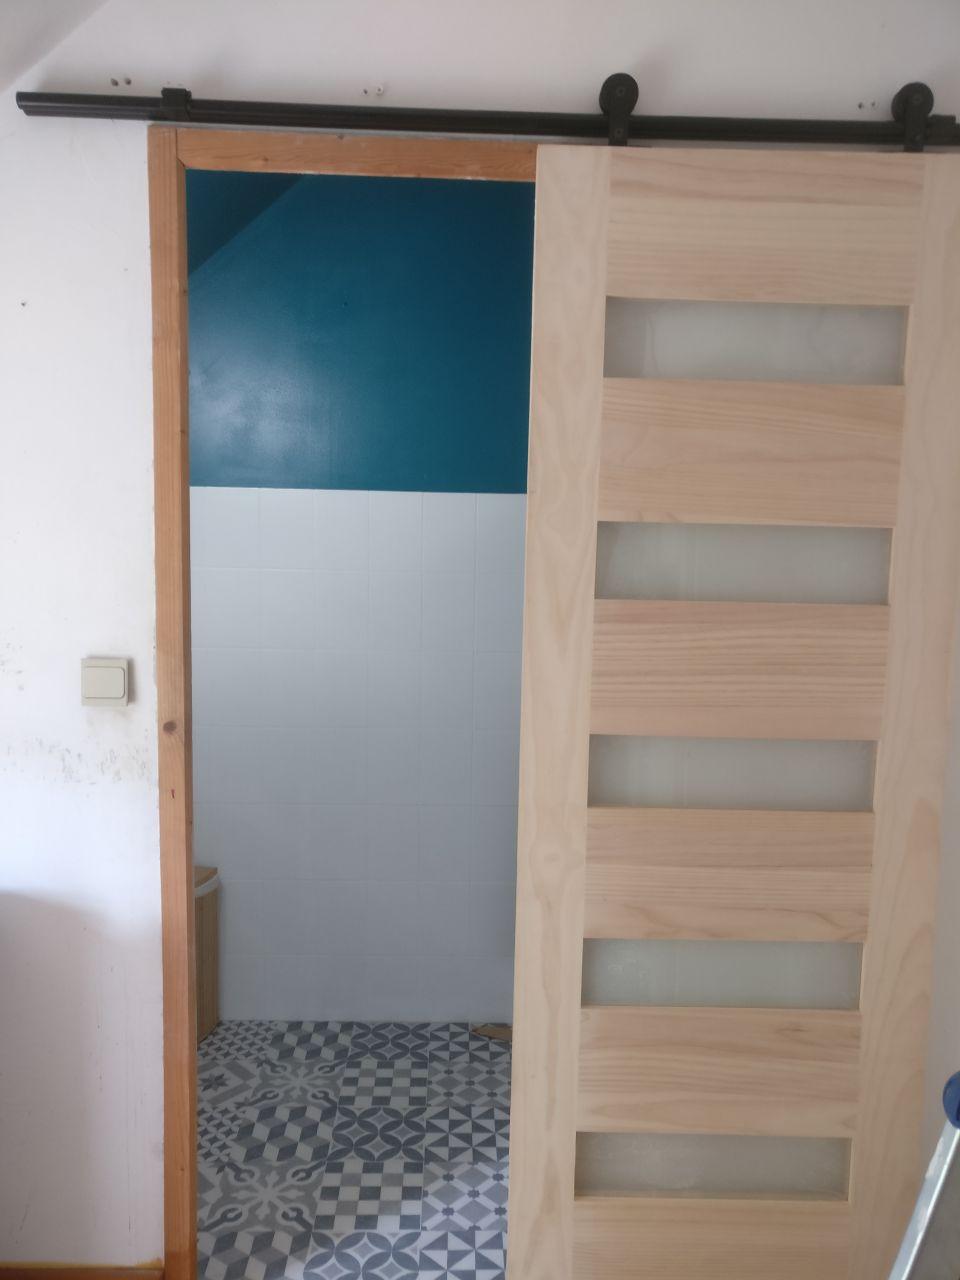 sdb de l'étage, avec porte coulissante